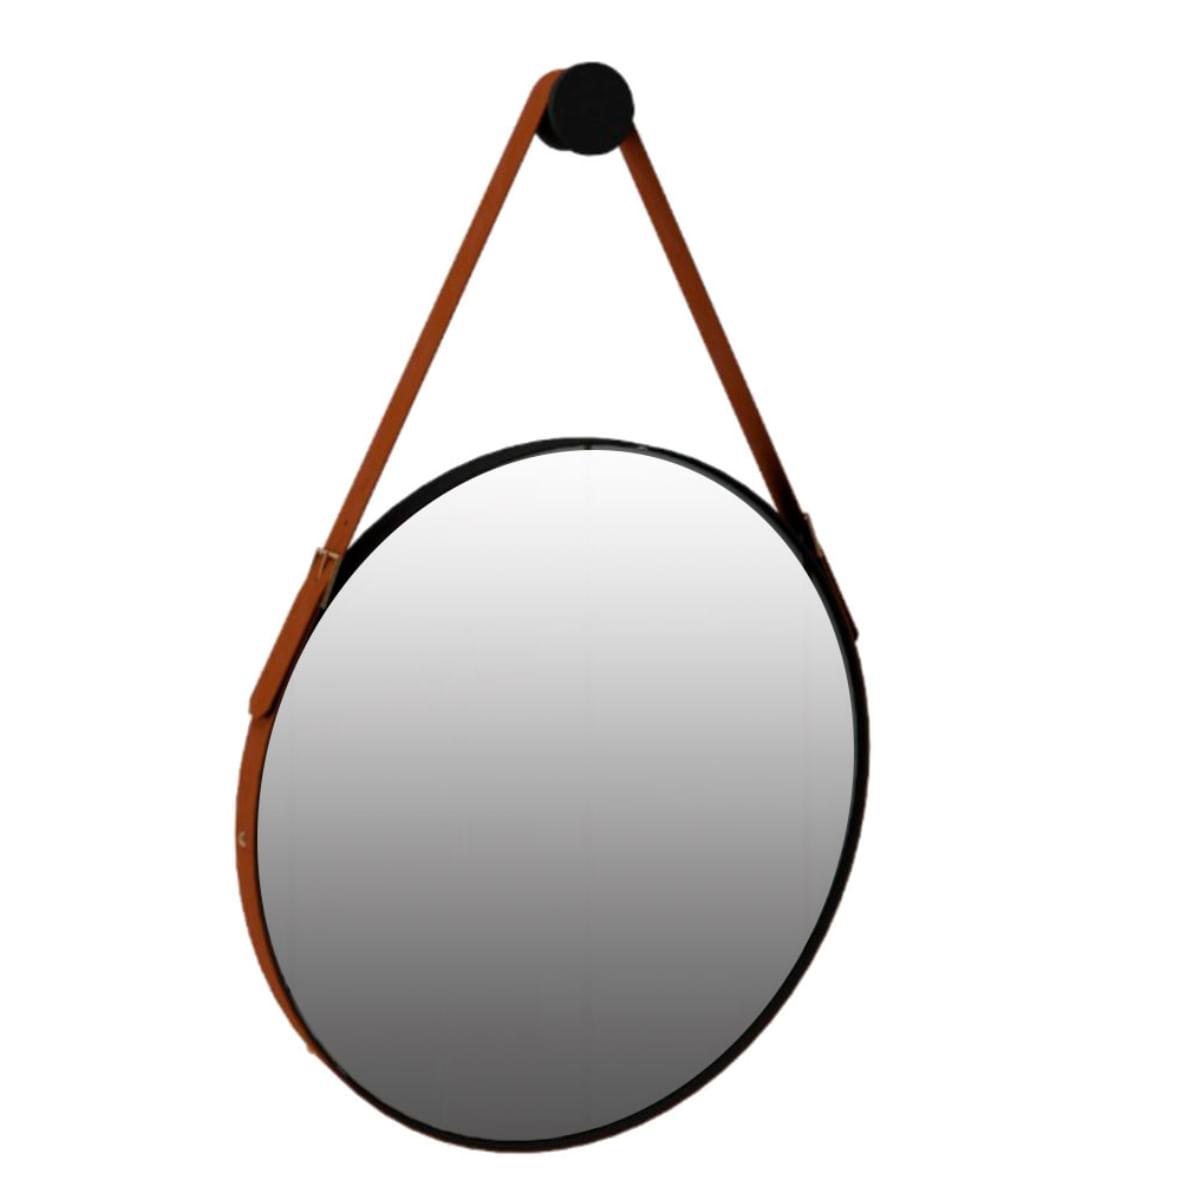 Espelho Redondo Decorativo Onix - Preto Fosco 70cm